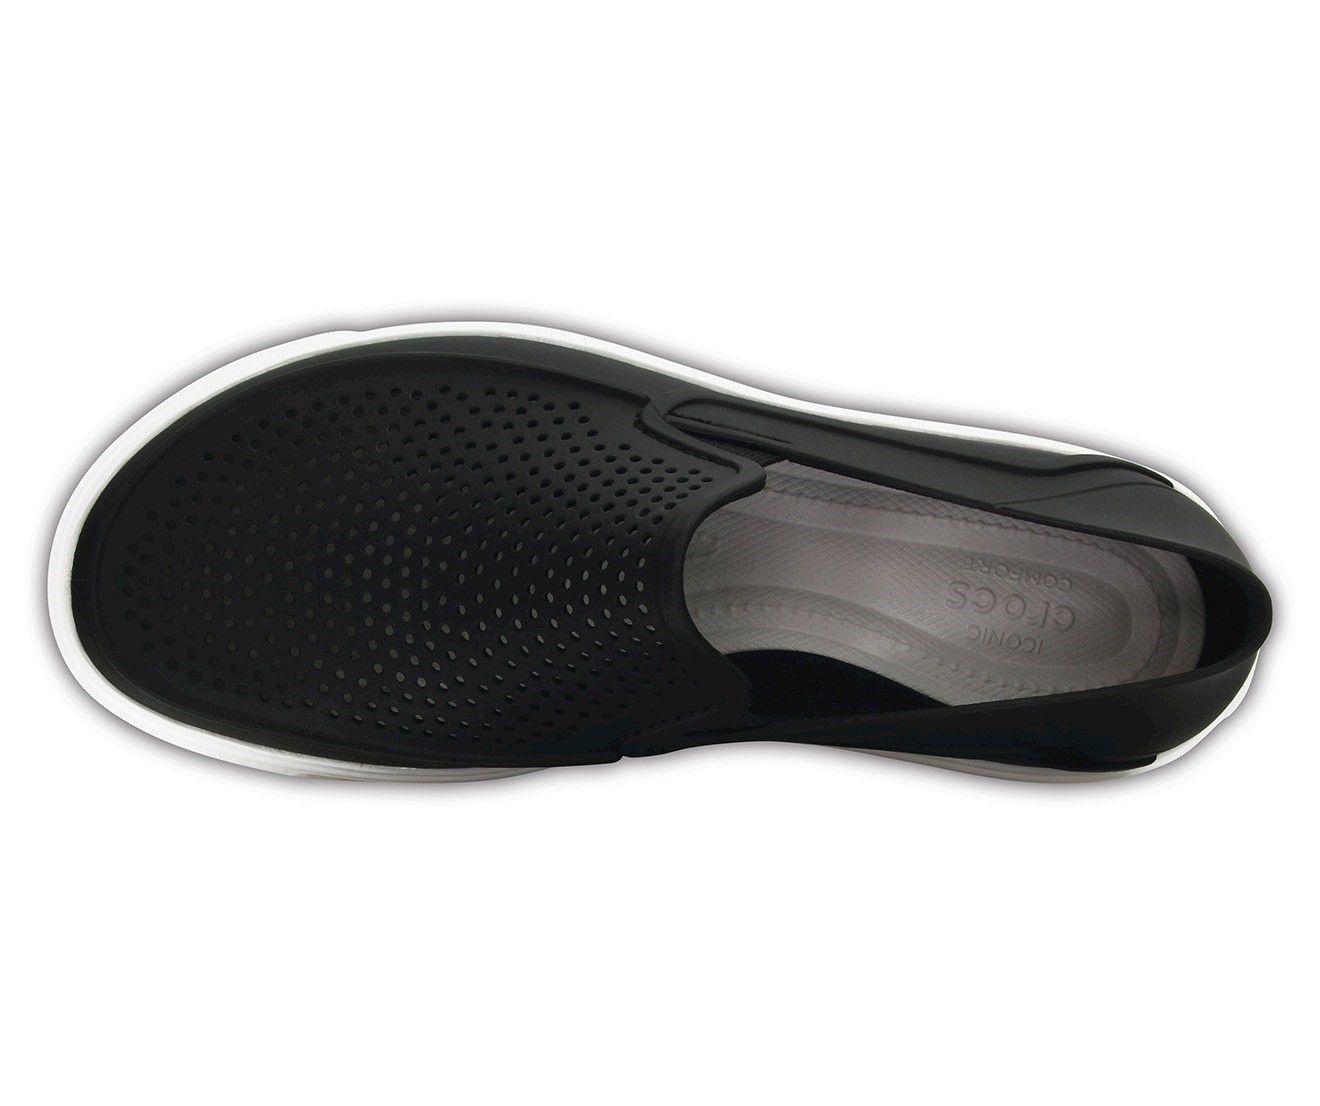 Sapato Crocs Masculino Citilane Roka Original - Black